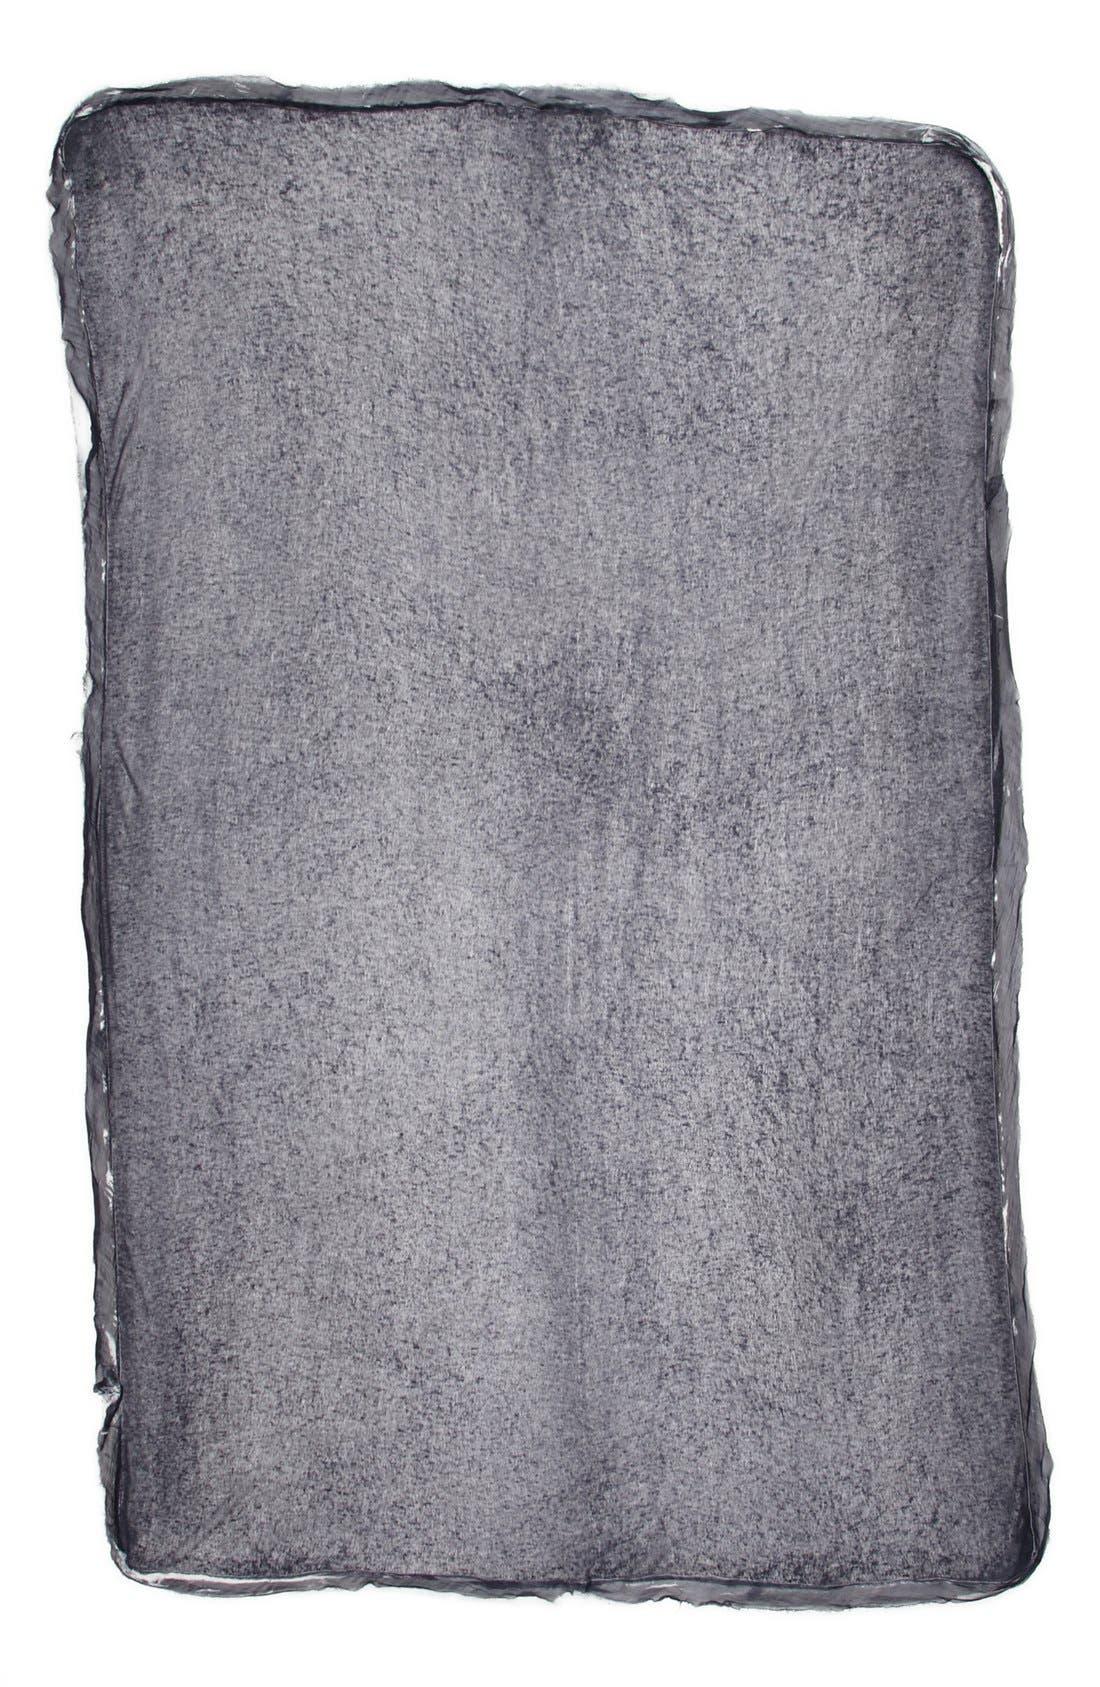 Silk & Cashmere Wrap,                             Alternate thumbnail 2, color,                             002